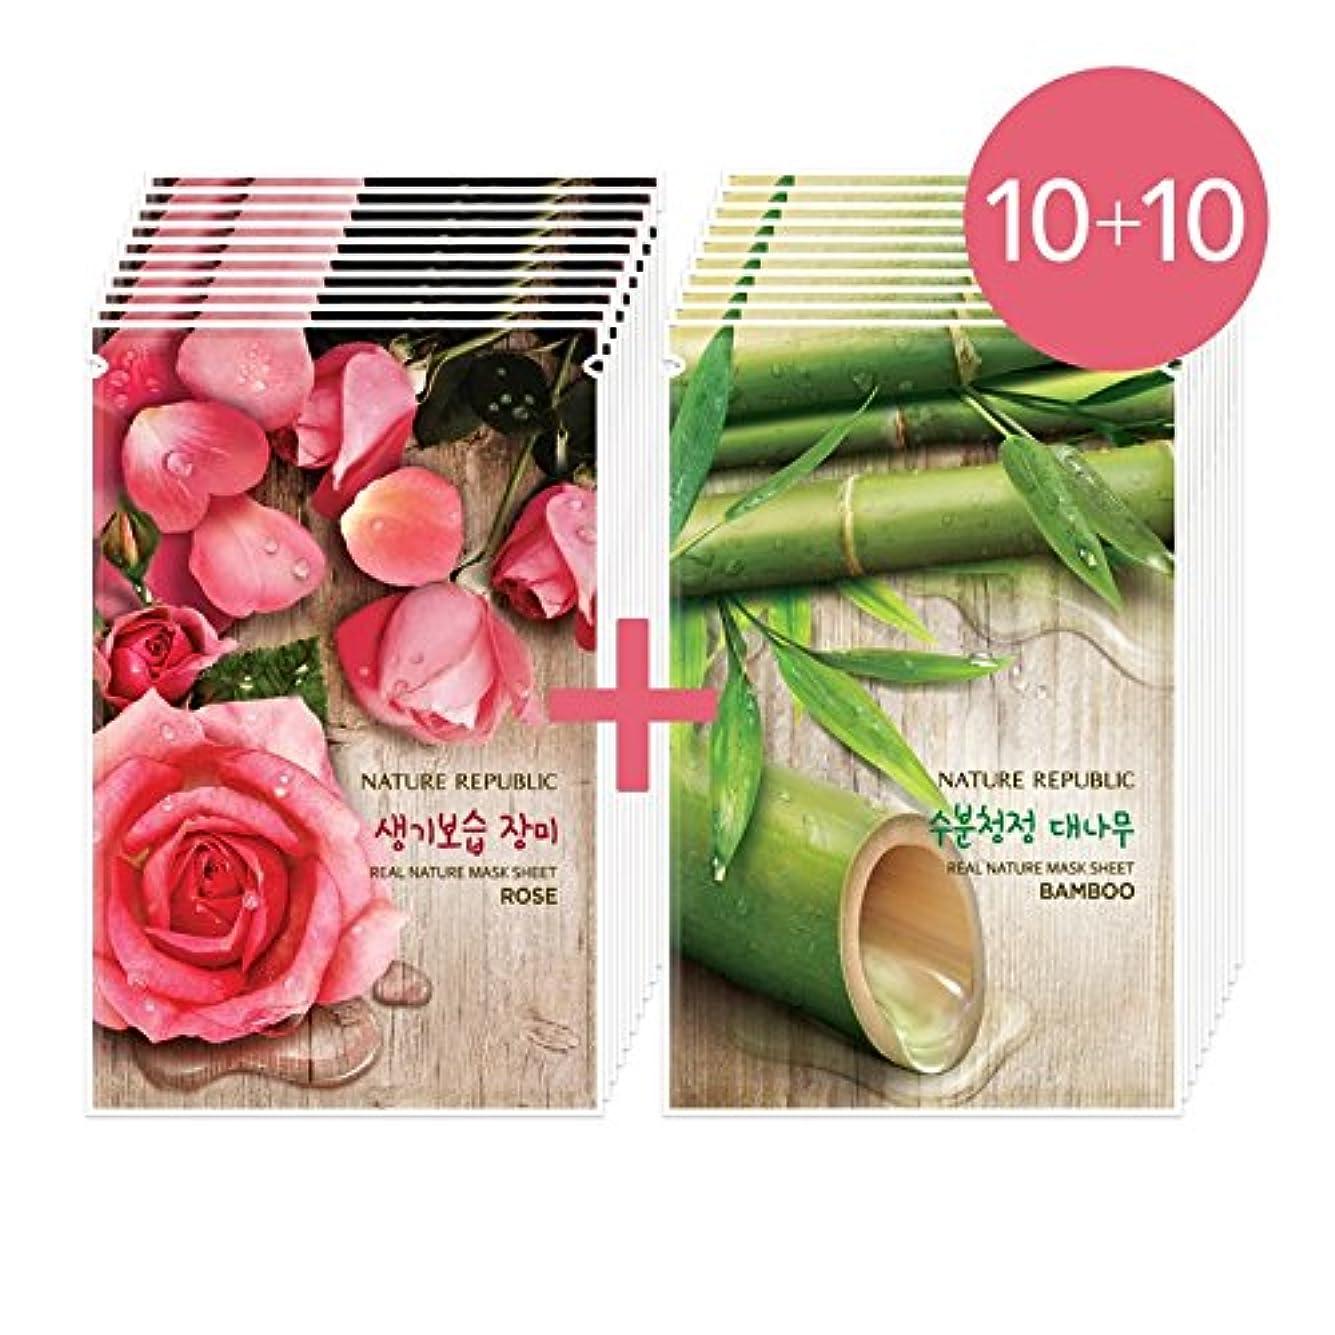 支配的イースター自発的(10+10) [NATURE REPUBLIC] リアルネイチャー マスクシート Real Nature Mask Sheet (Bamboo (竹) 10本 + Rose (ローズ) 10本) [並行輸入品]